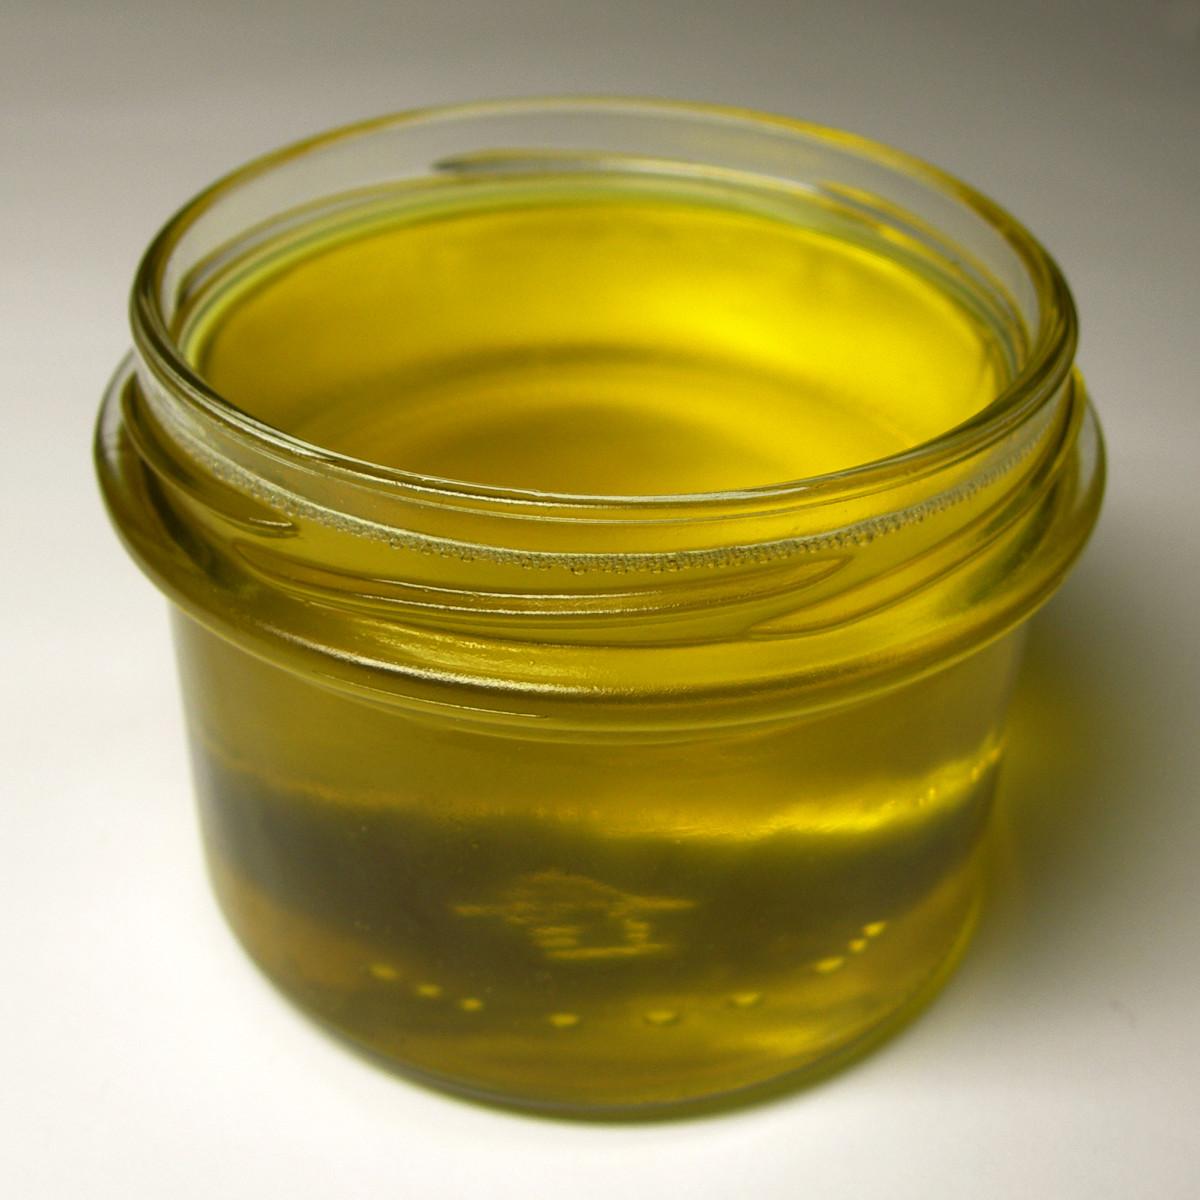 Clarified Butter Liquified